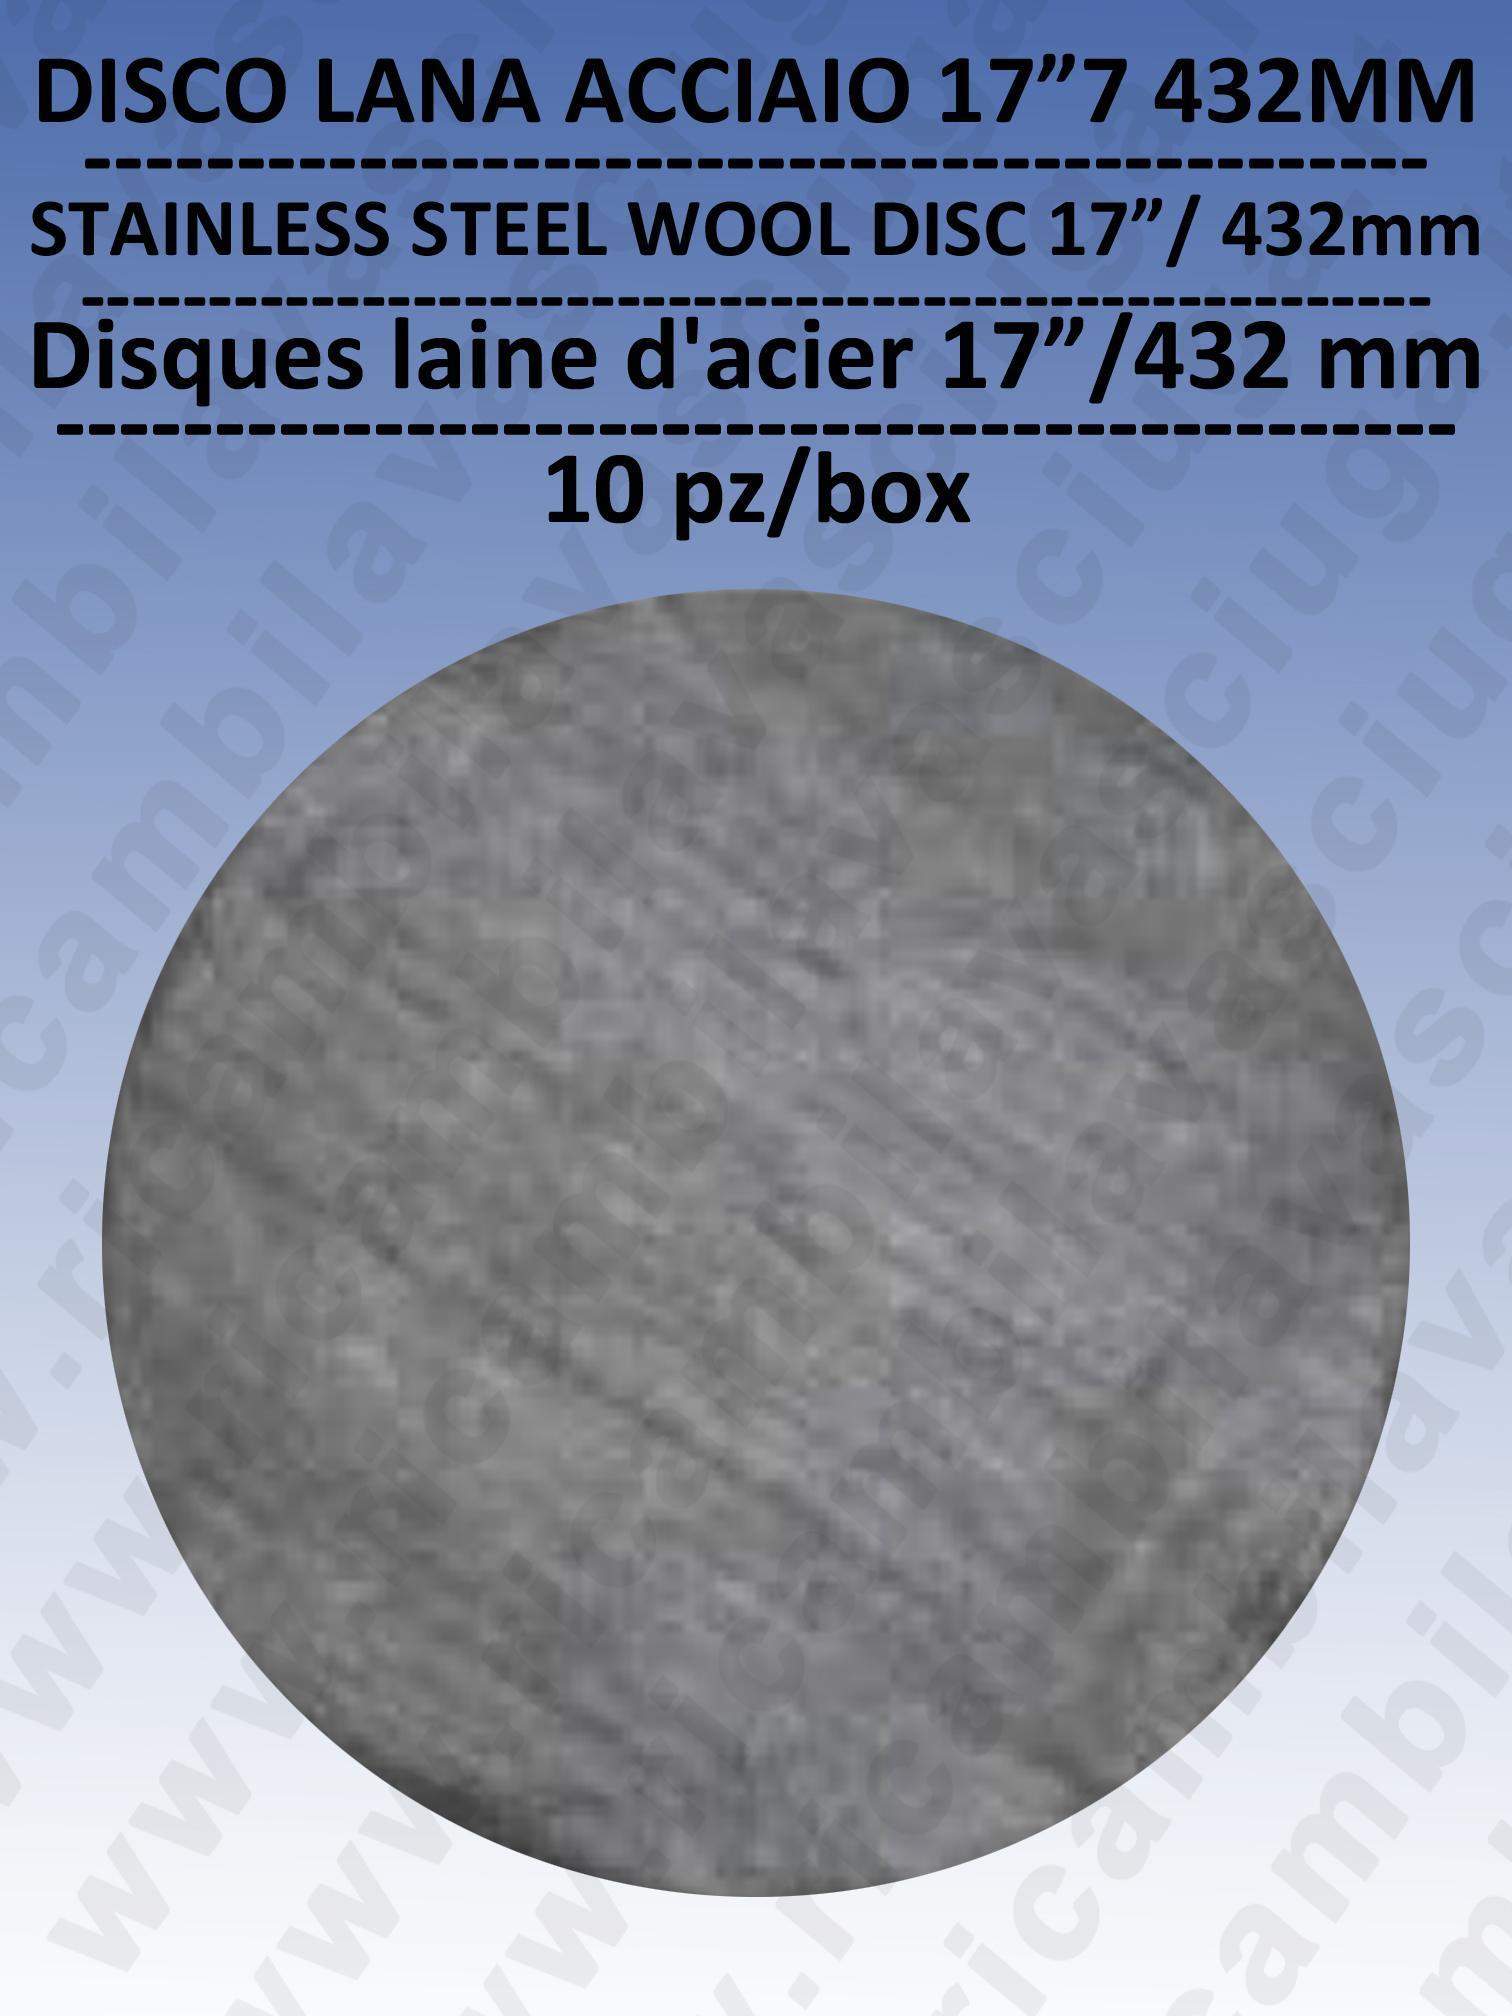 PAD Disques MICROFIBRA DOPPIA FACCIA valide anche pour lucidatura parquet